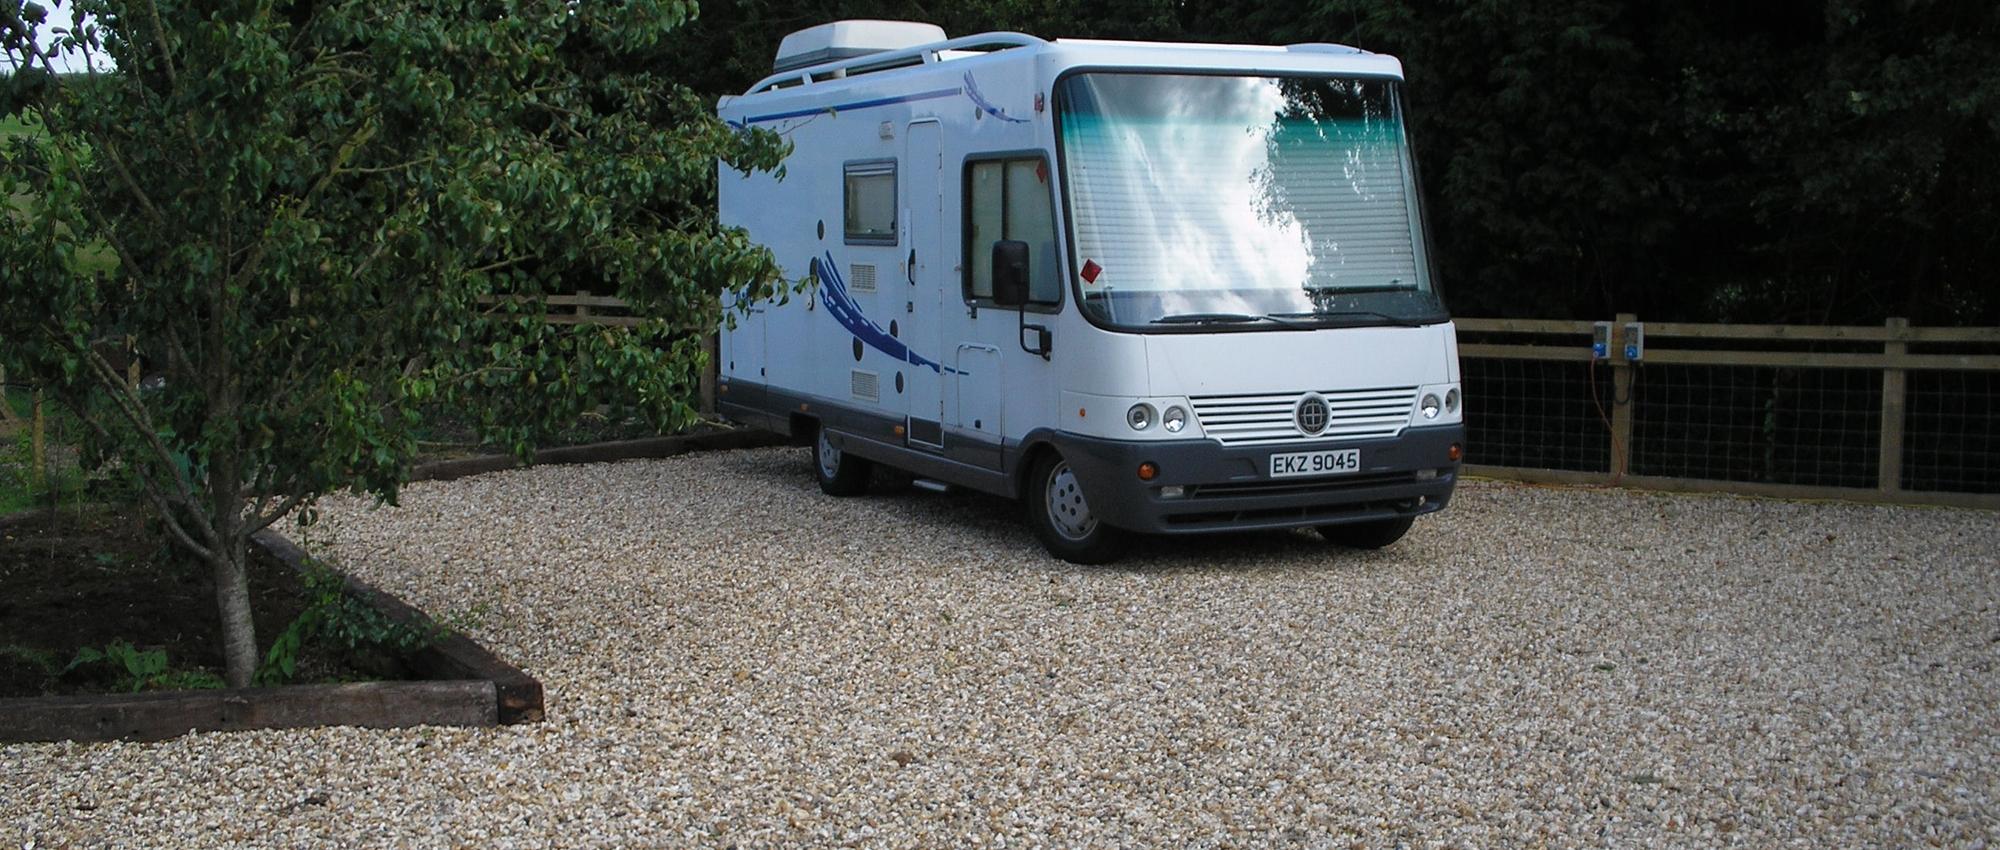 campsite new